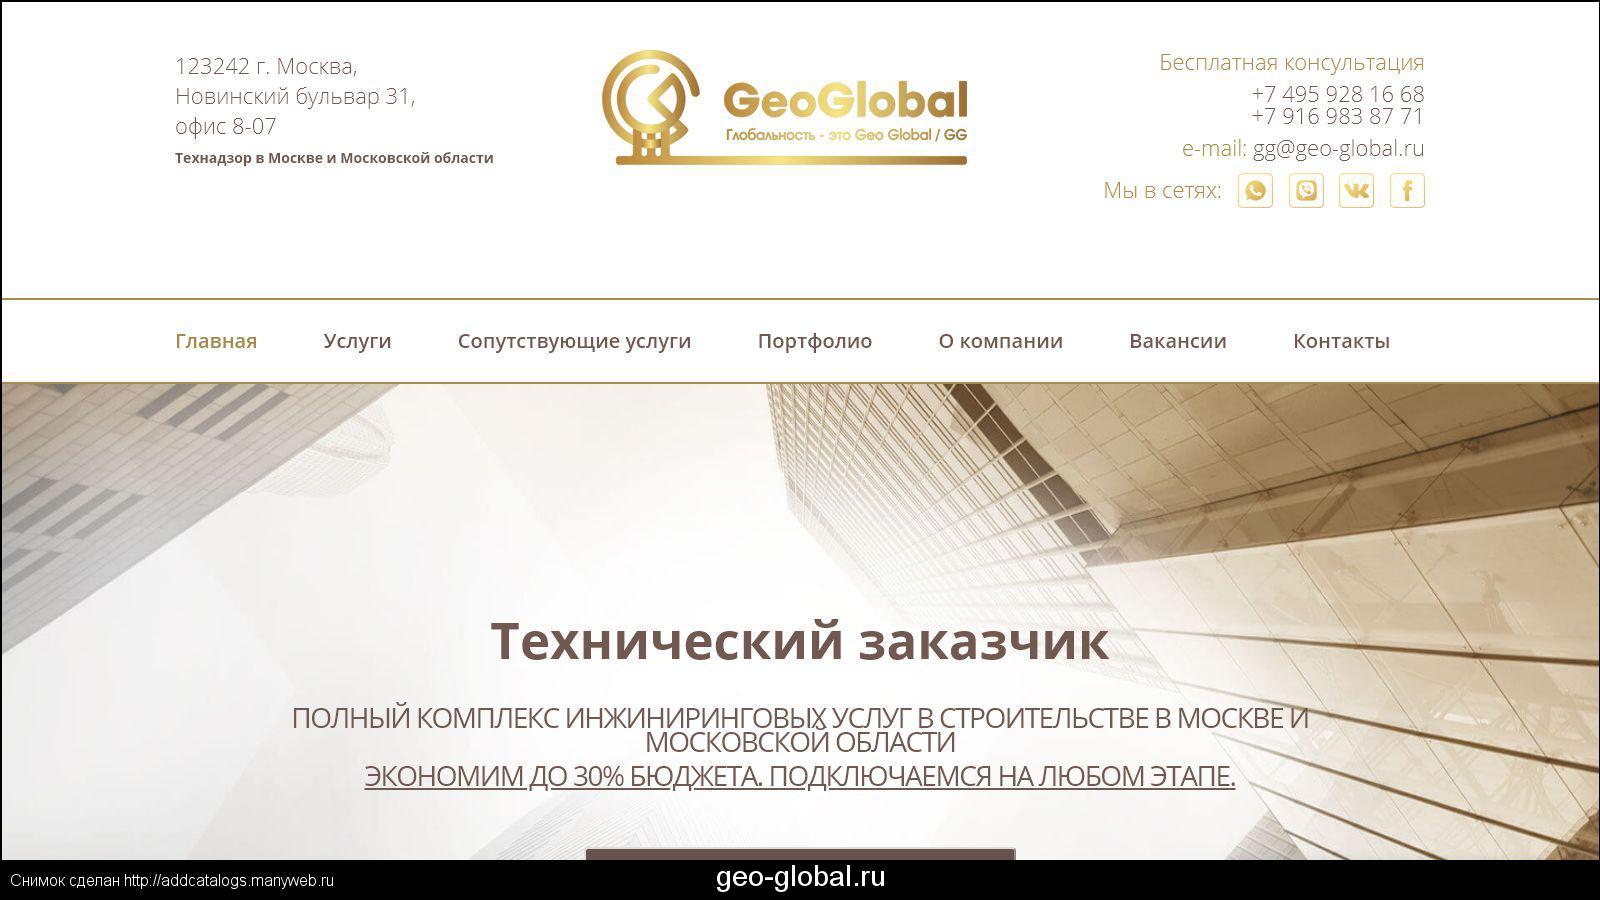 Качественный техназор за строительством от компании Geo-global